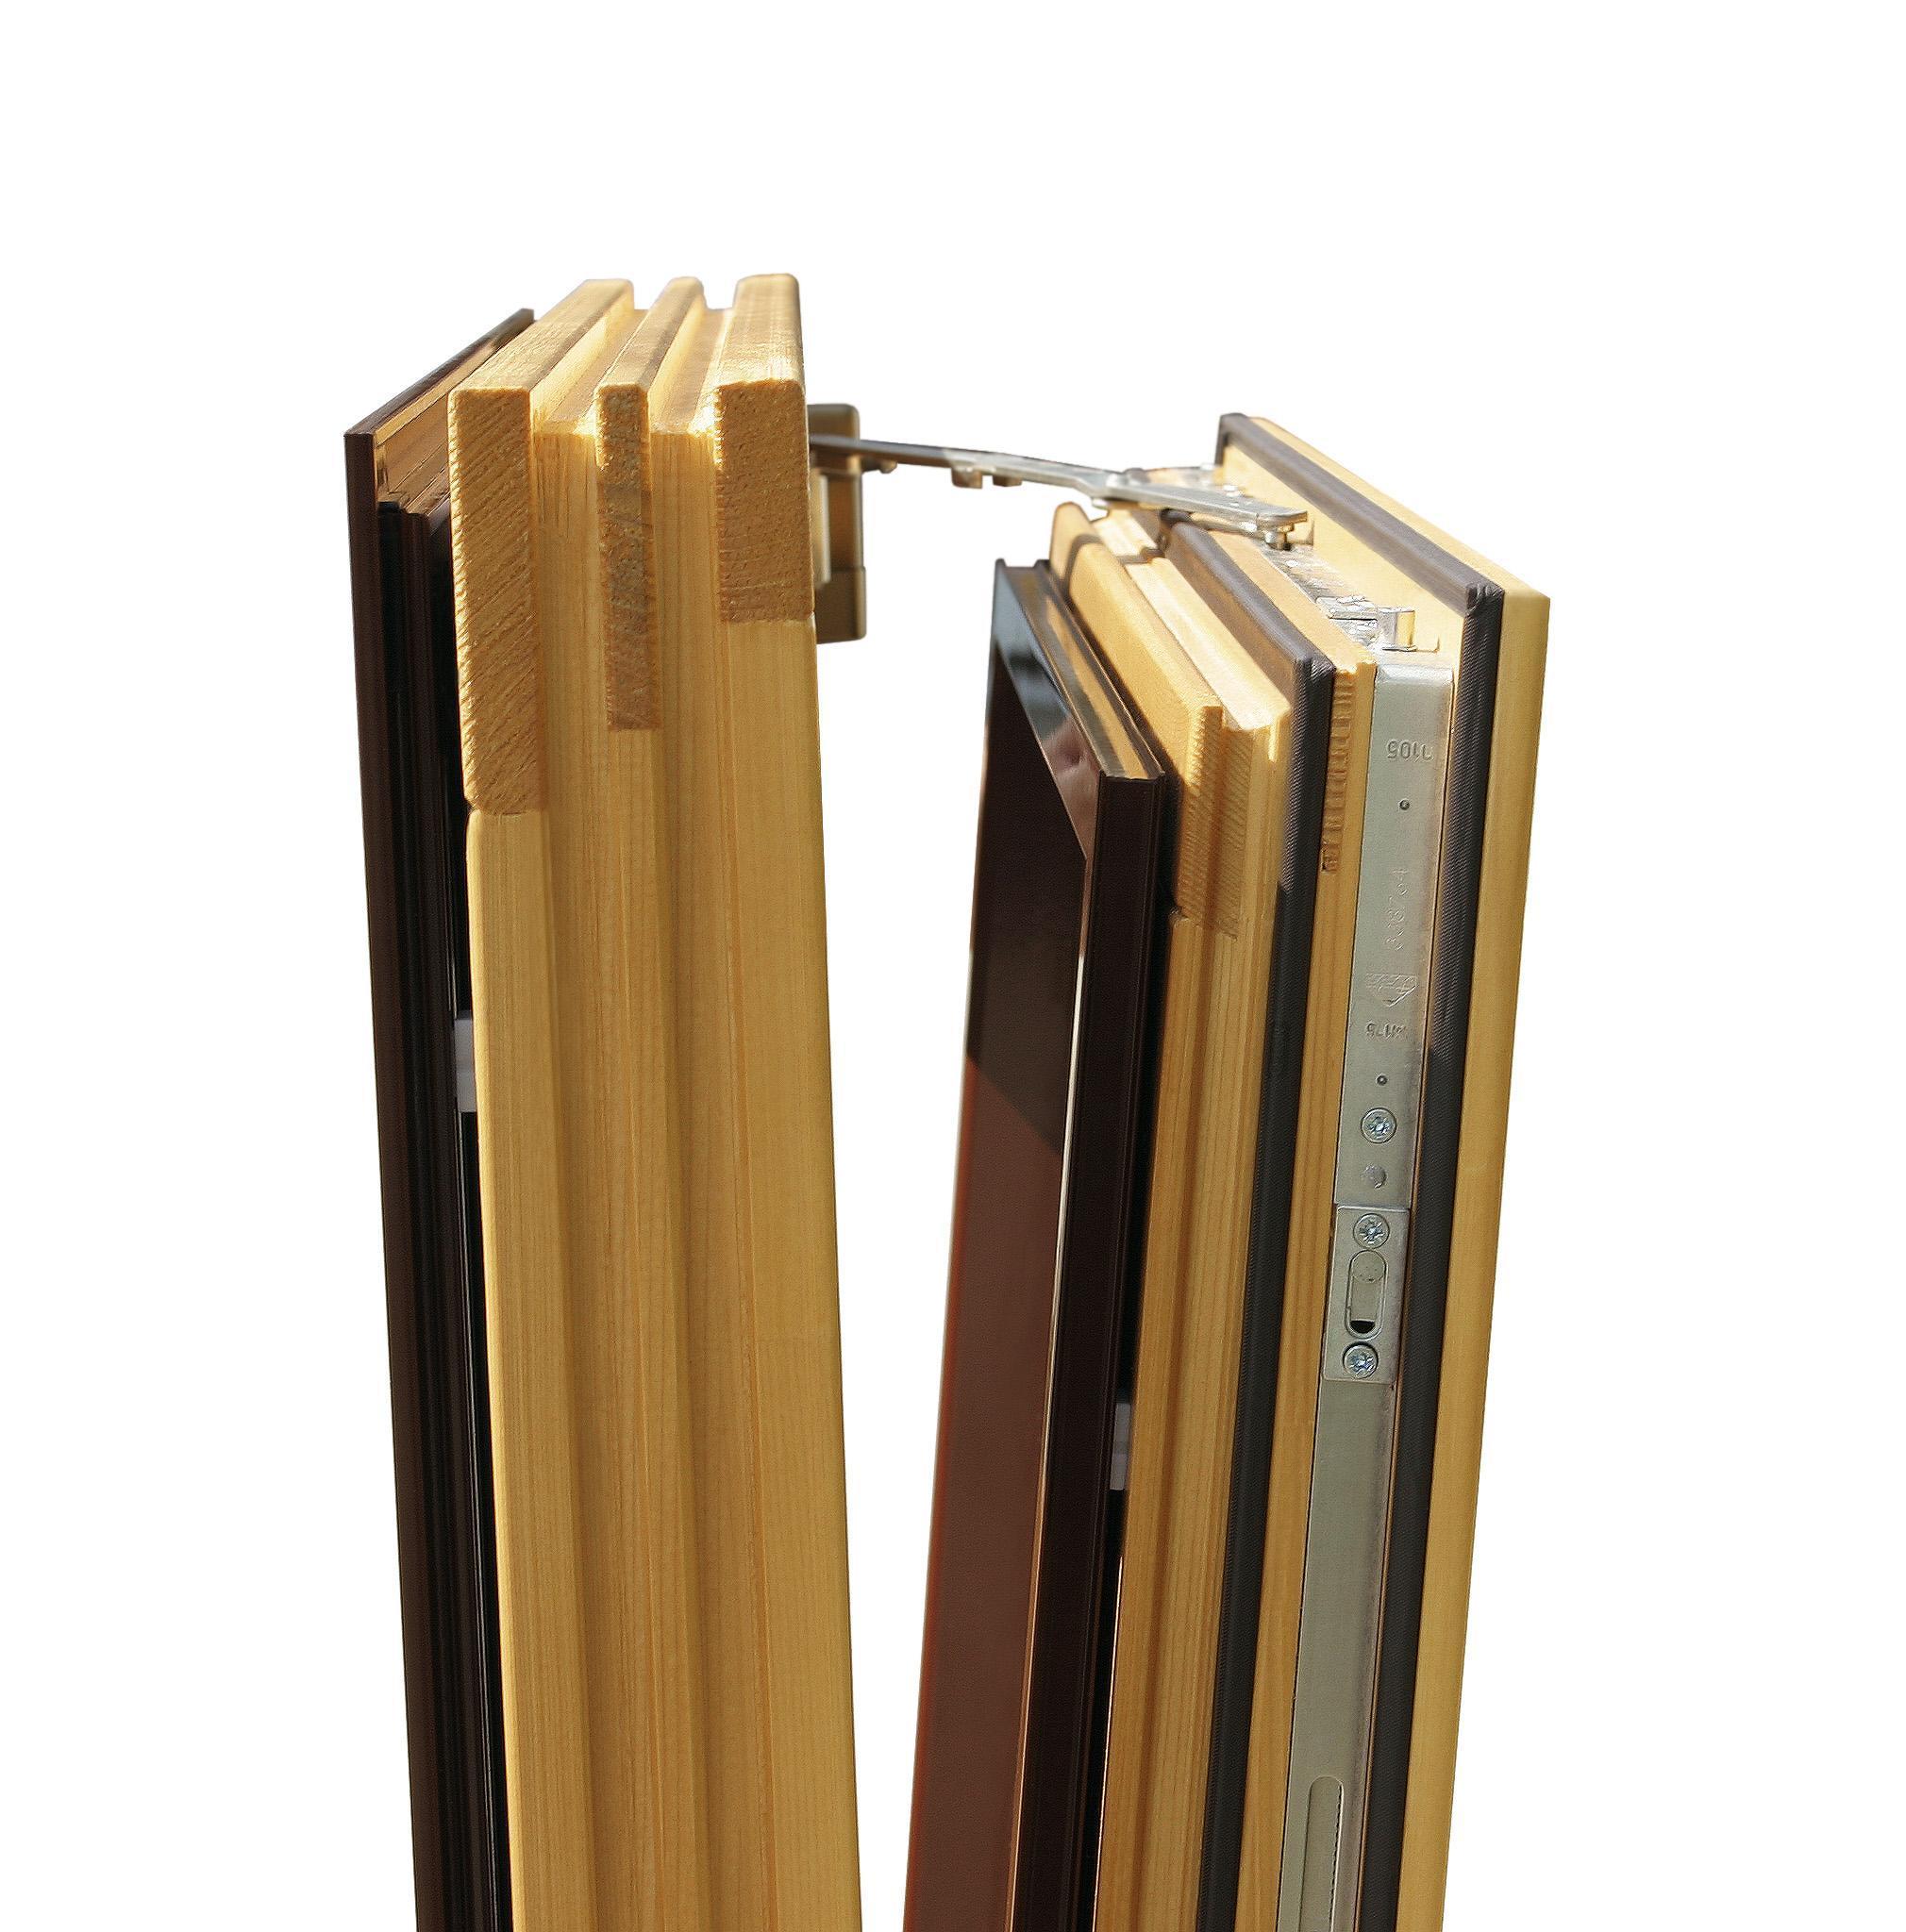 El sistema oscilobatiente es ideal para habitaciones, gira en sentido horizontal y vertical.